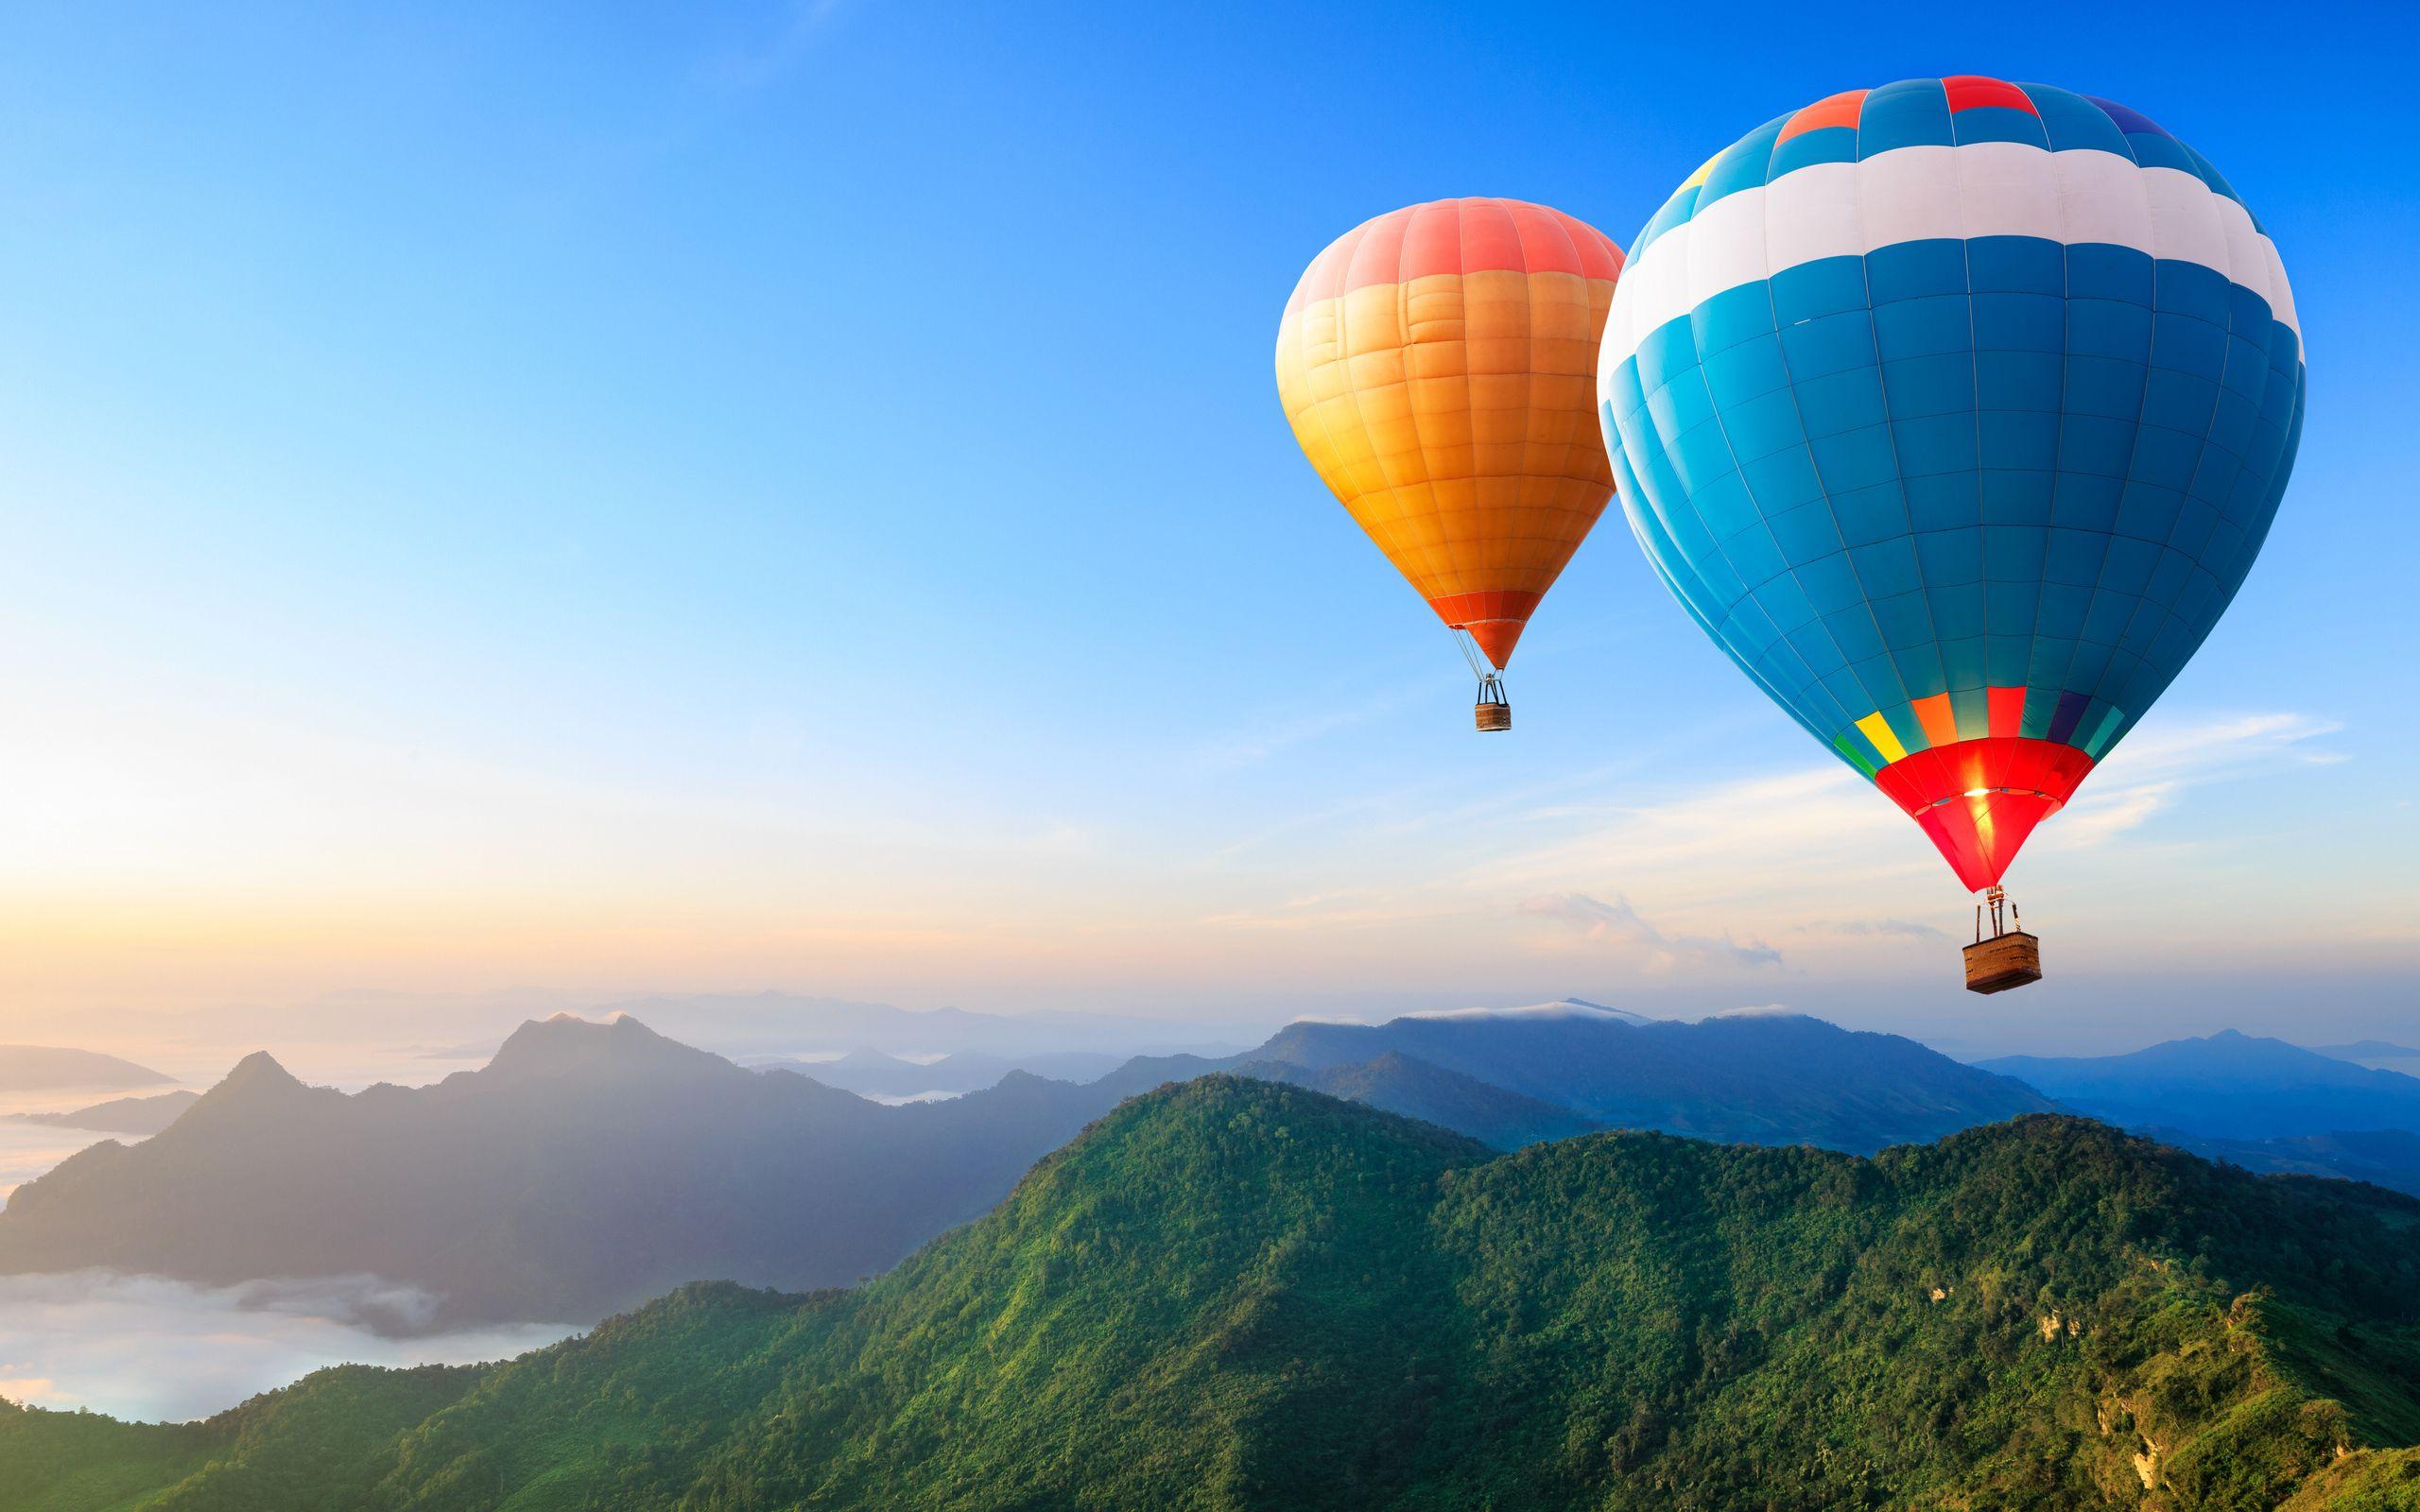 Hot Air Balloon Wallpaper Travel nursing, Hot air, Air